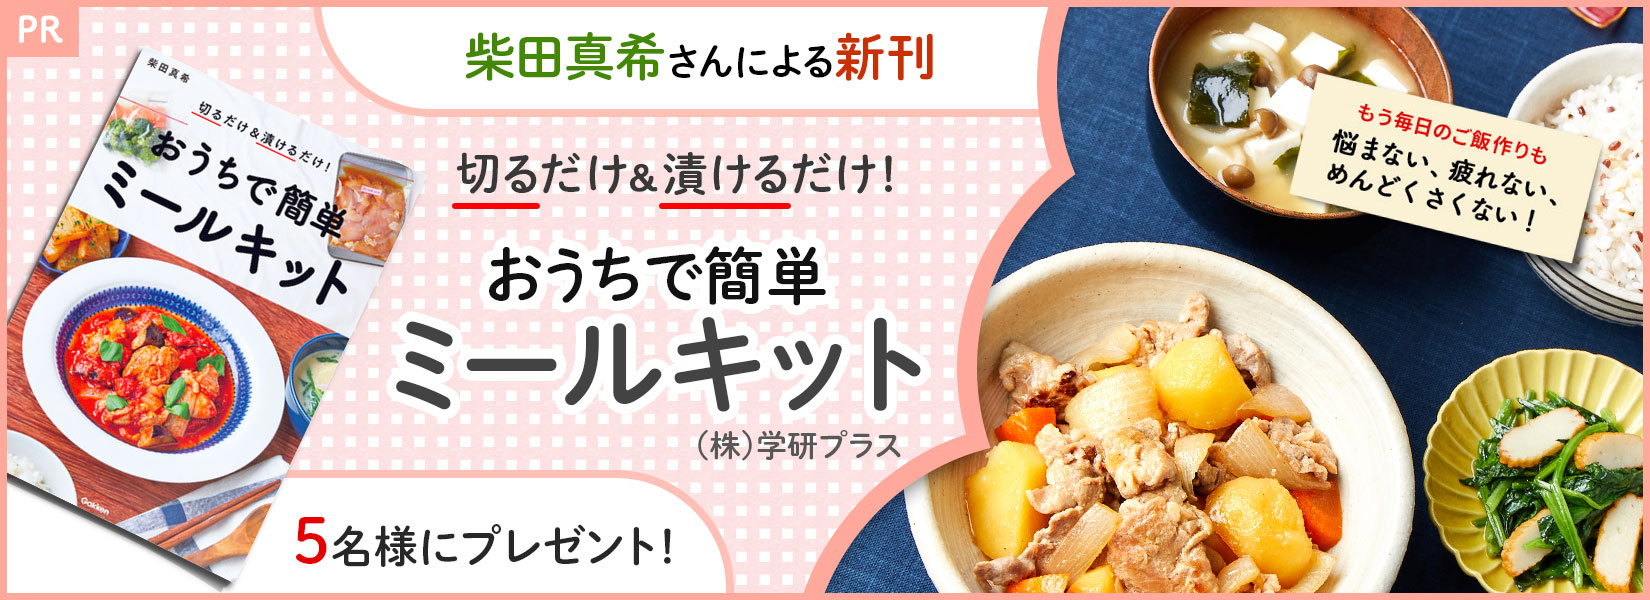 もう毎日のご飯作りも悩まない、疲れない、めんどくさくない!柴田真希さんによる新刊「切るだけ&漬けるだけ! おうちで簡単ミールキット」((株)学研プラス)を5名様にプレゼント!